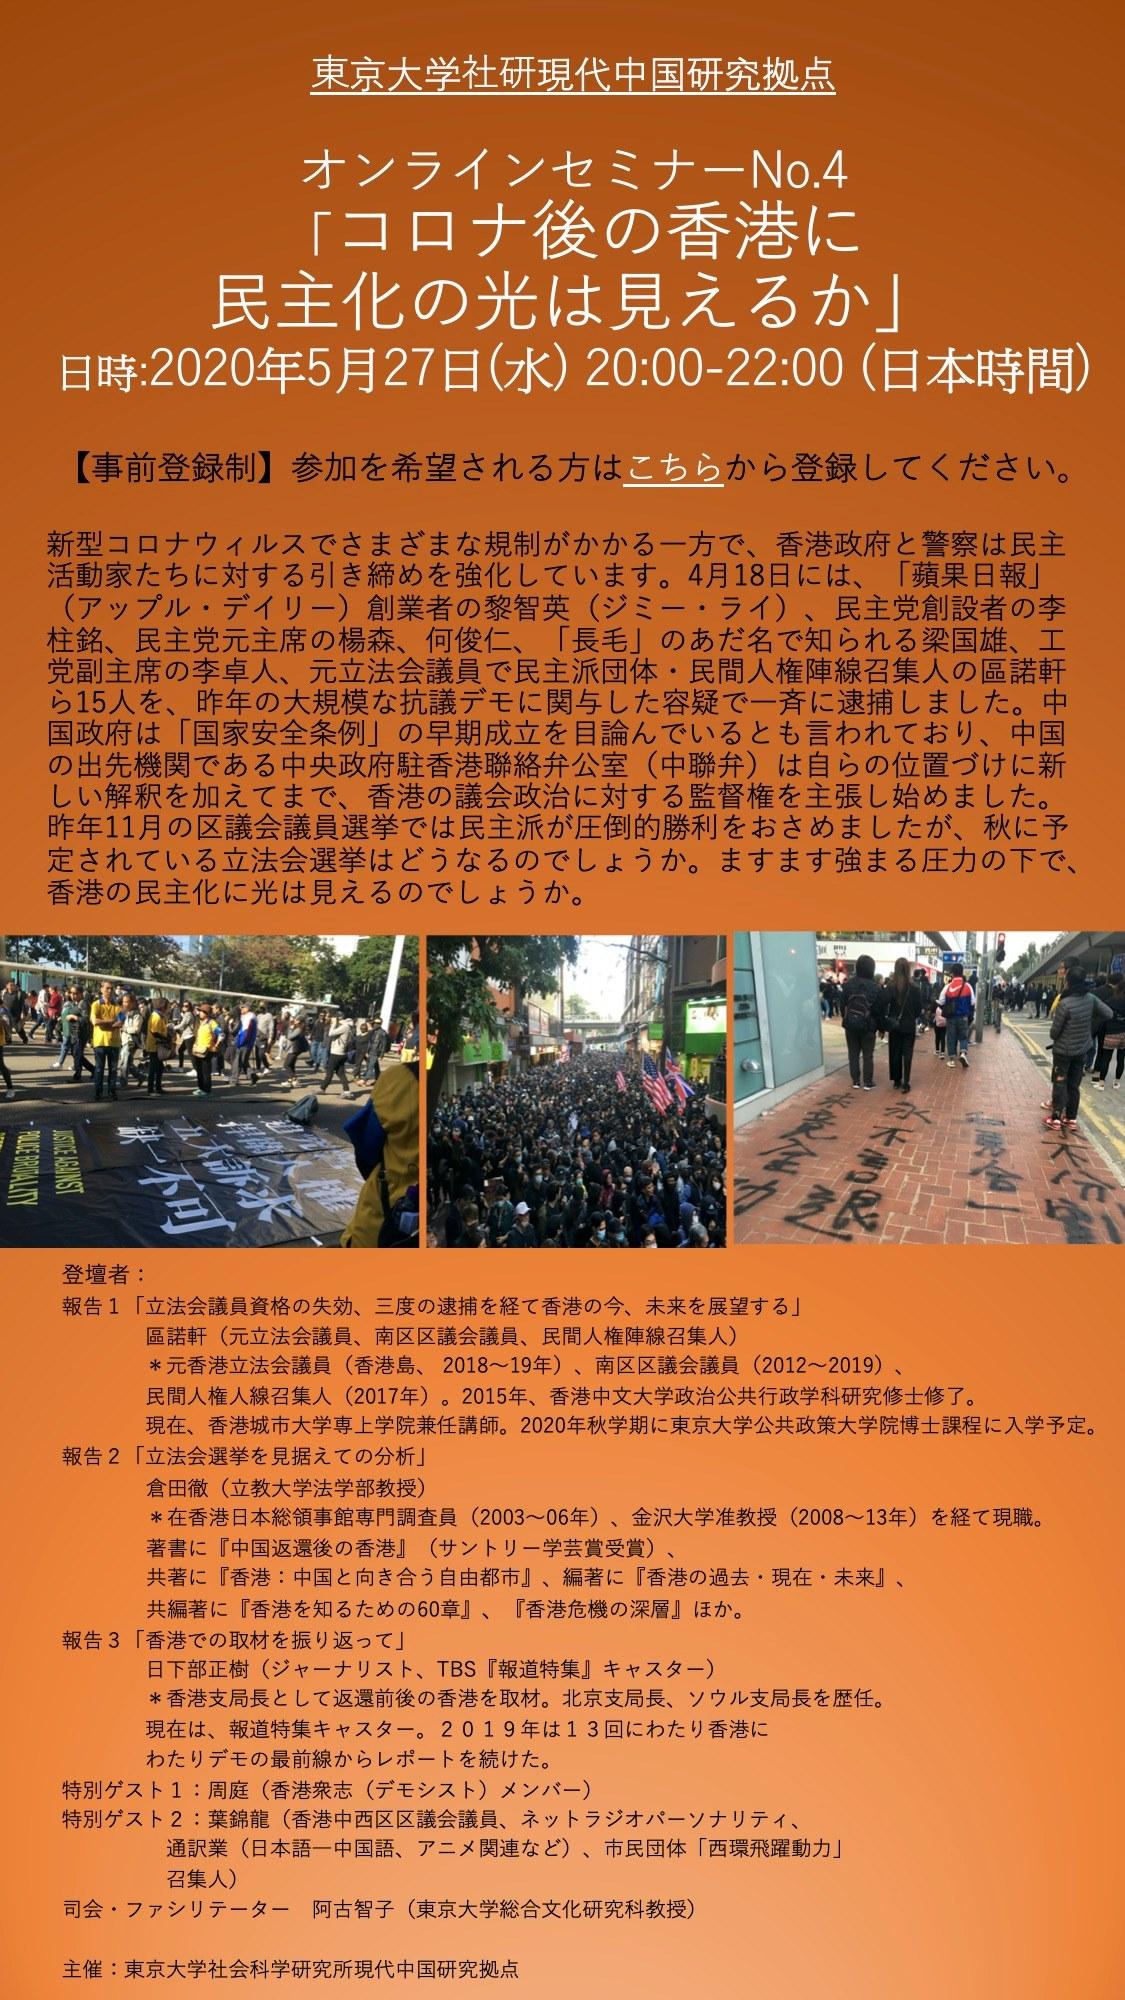 【國際線活動預告:葉錦龍出席東京大學網上講座「武漢肺炎後的香港能否看到民主之光」】